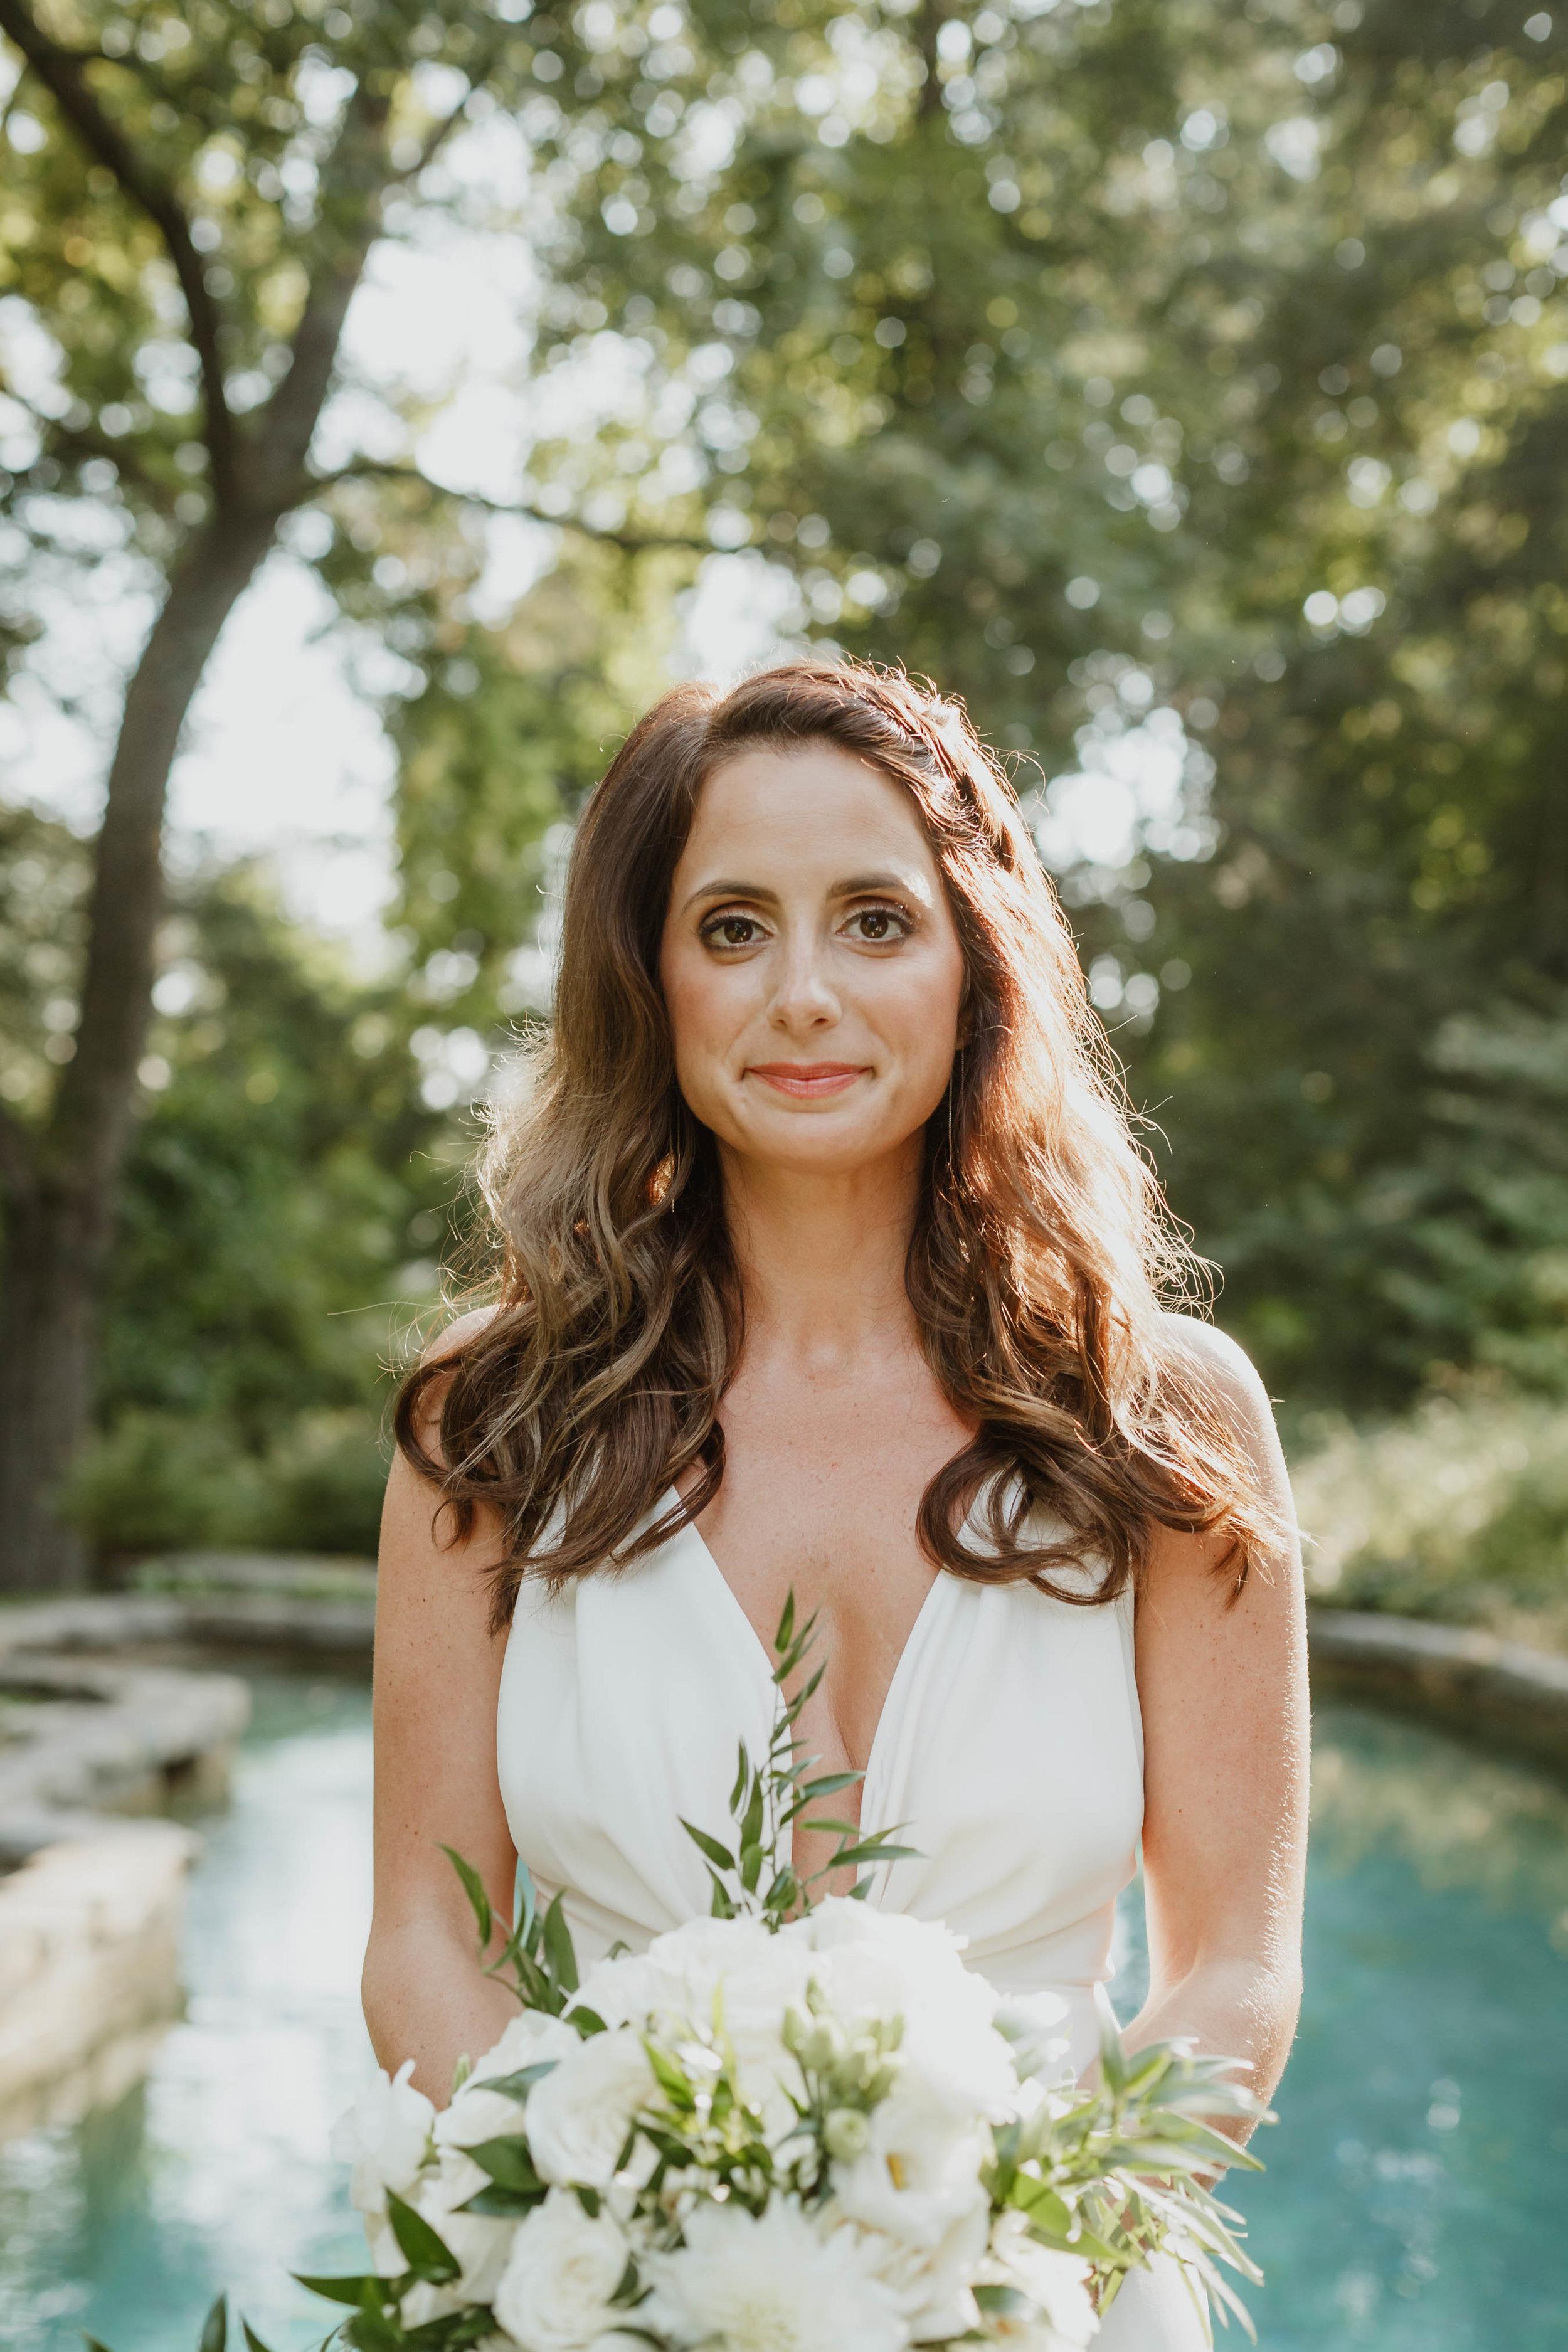 fairfield-county-connecticut-wedding-photographer-6.jpg